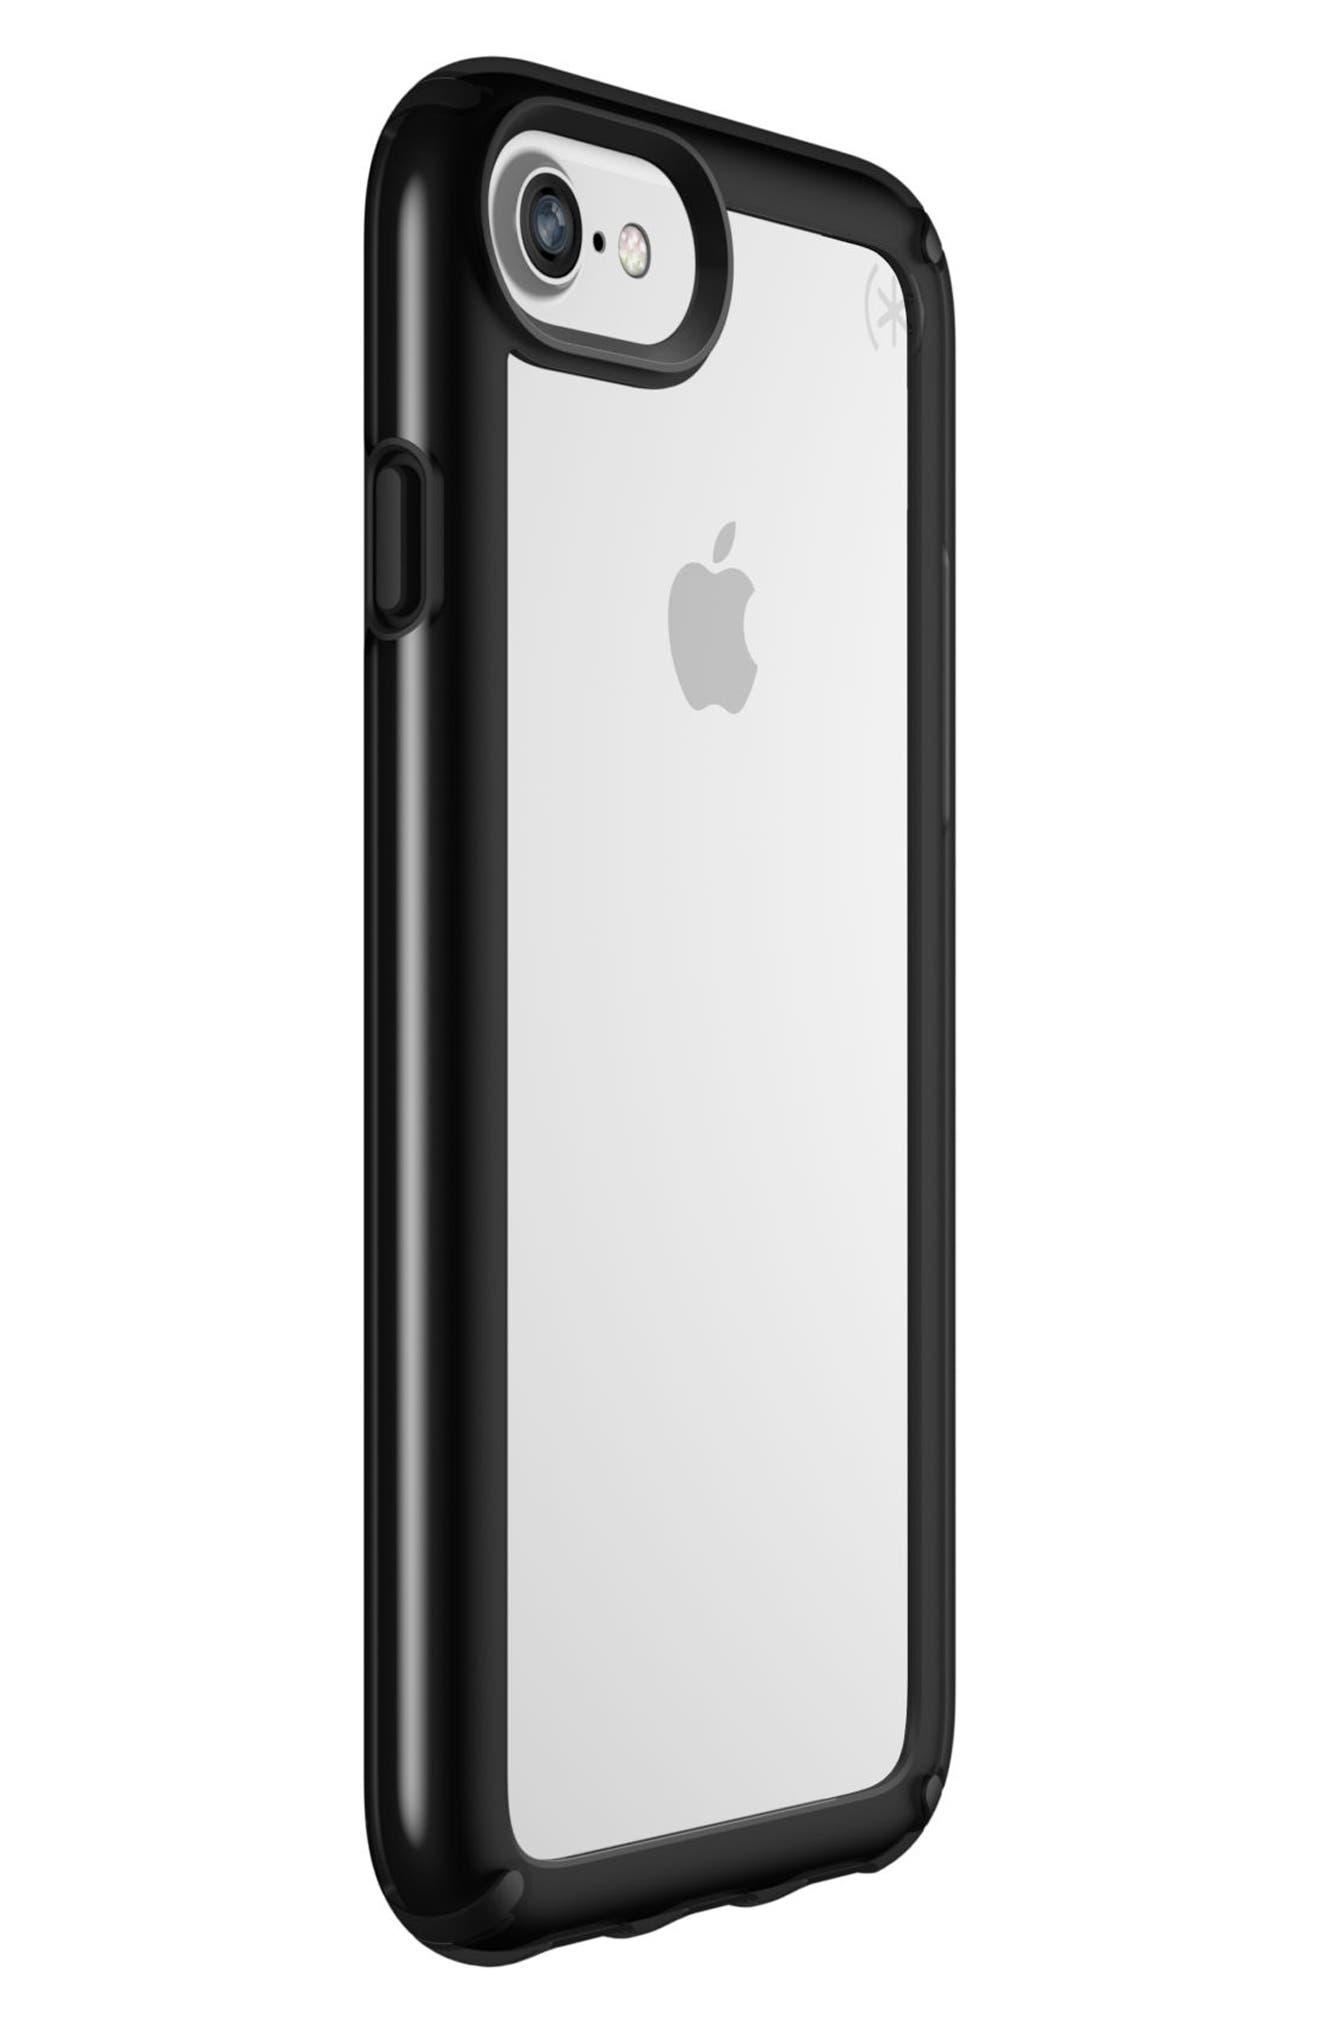 Transparent iPhone 6/6s/7/8 Case,                             Alternate thumbnail 6, color,                             Clear/ Black